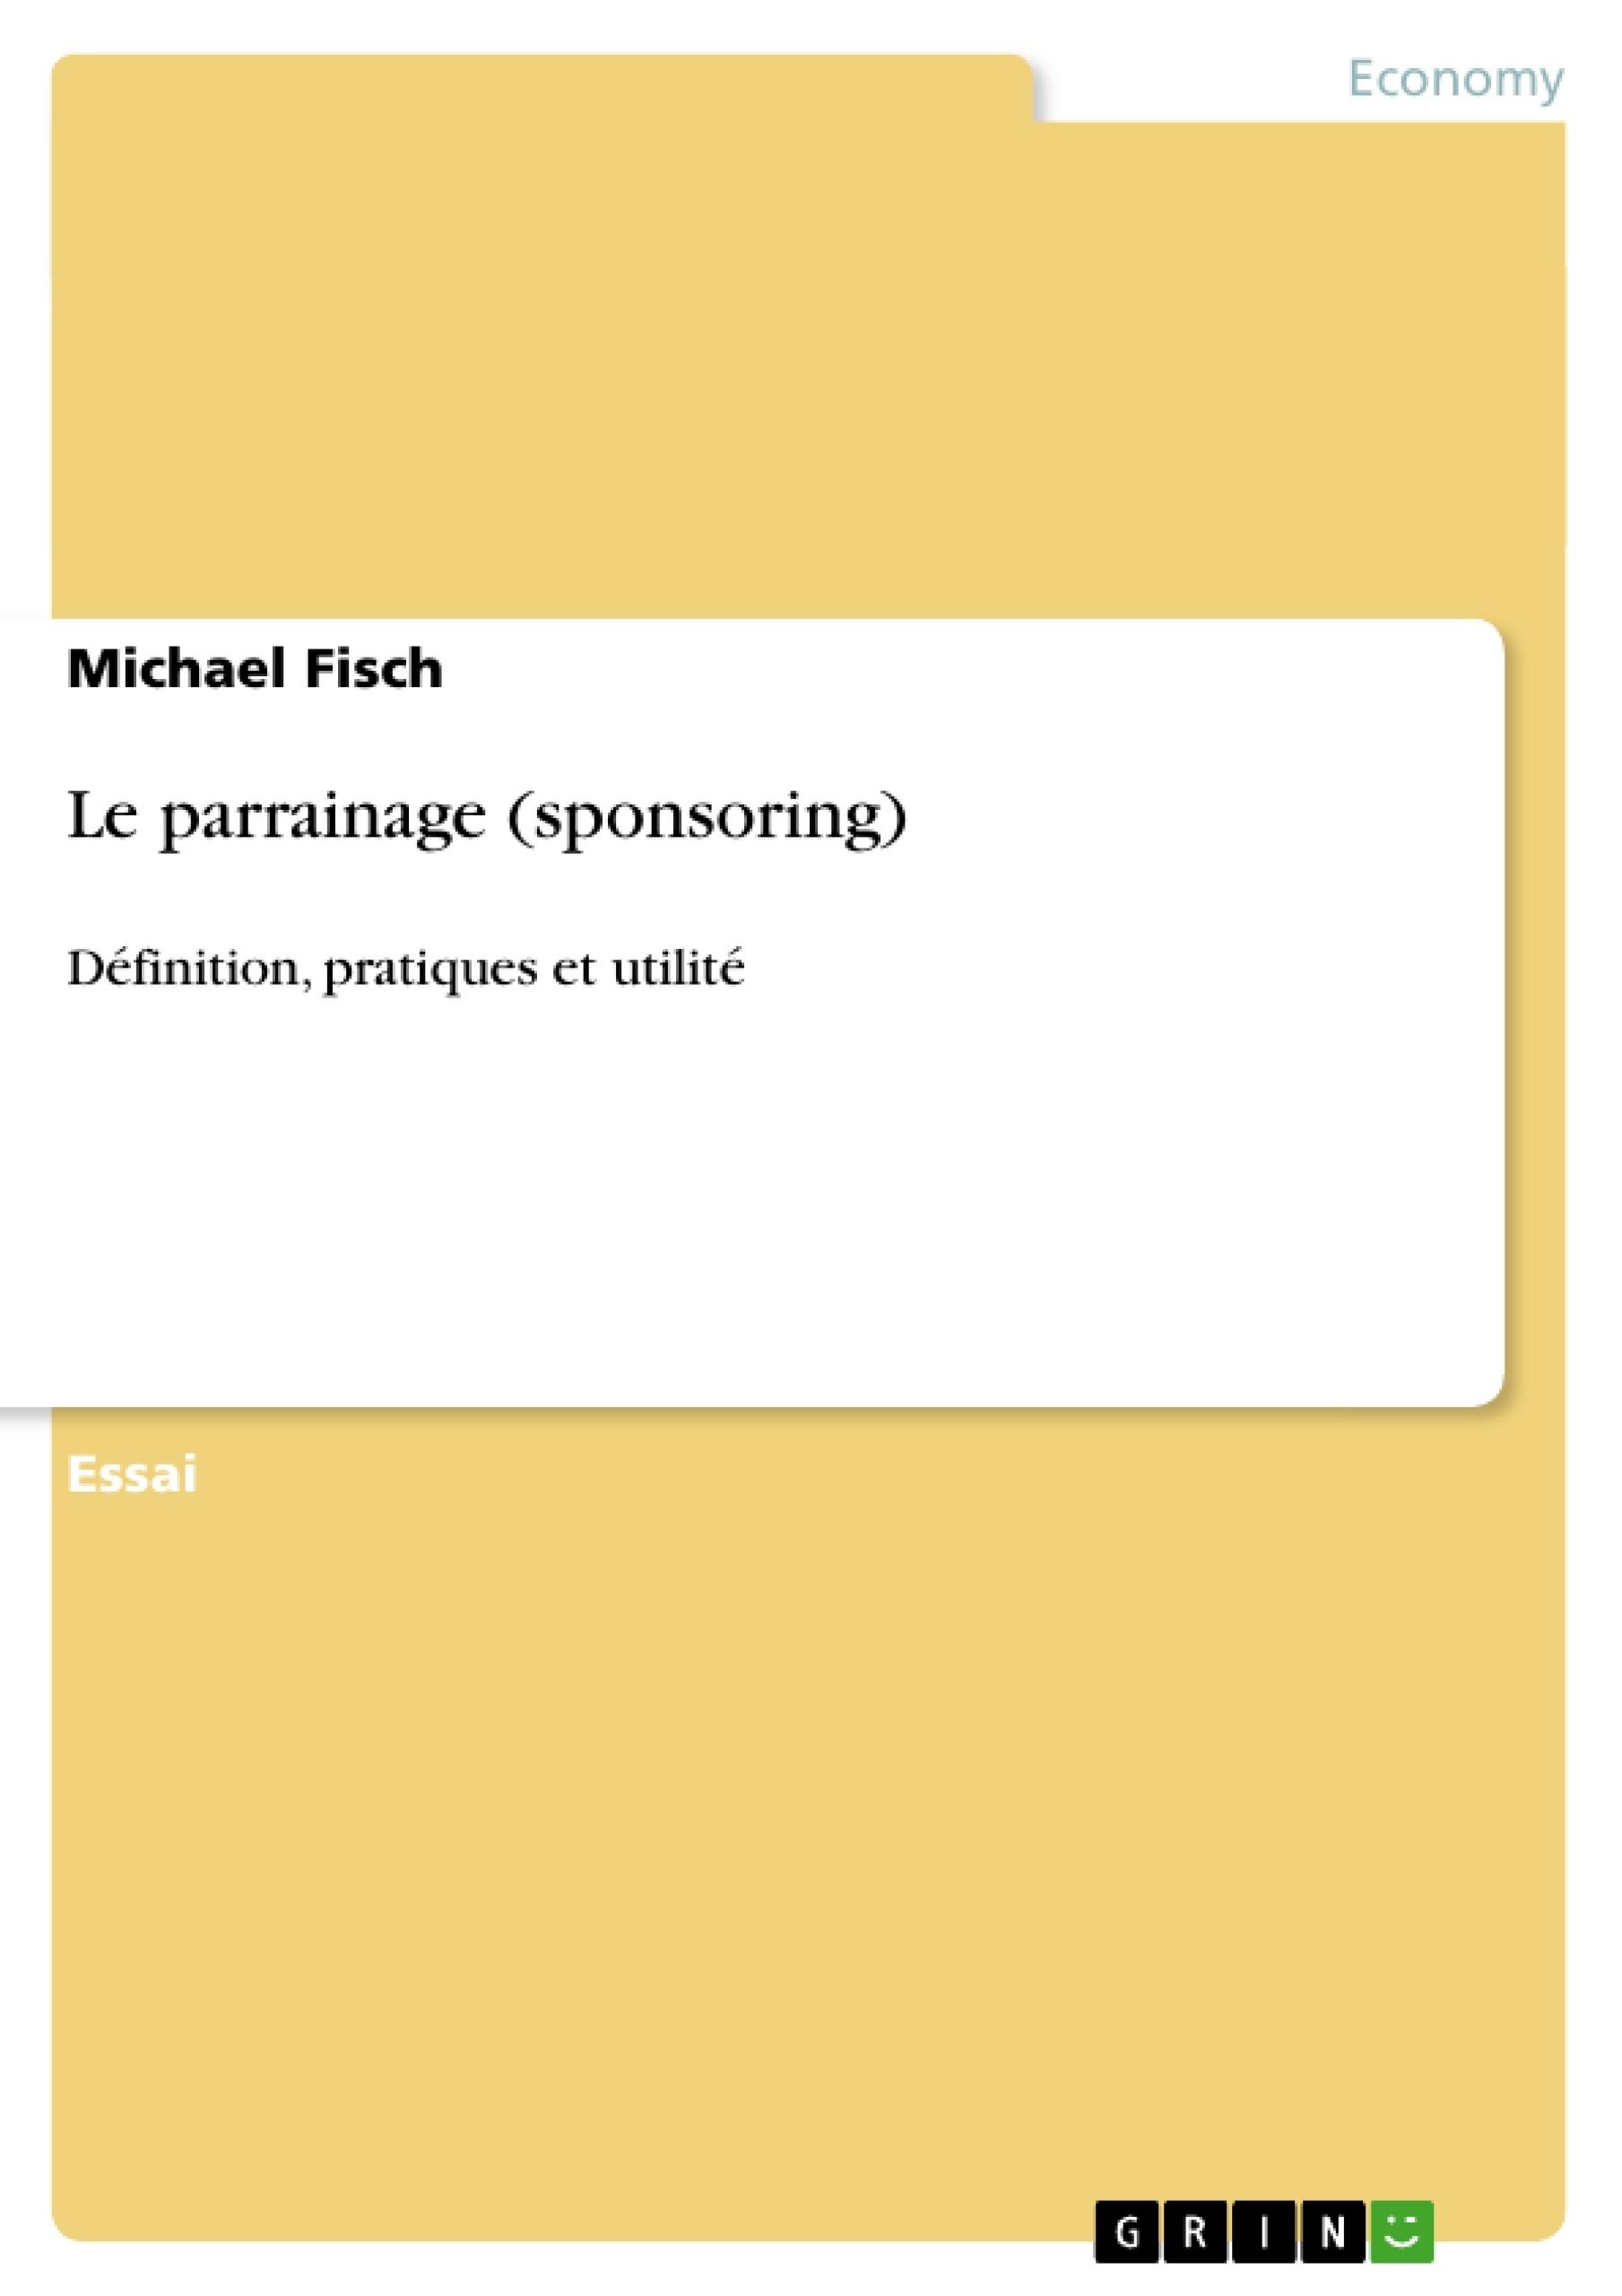 Titre: Le parrainage (sponsoring)